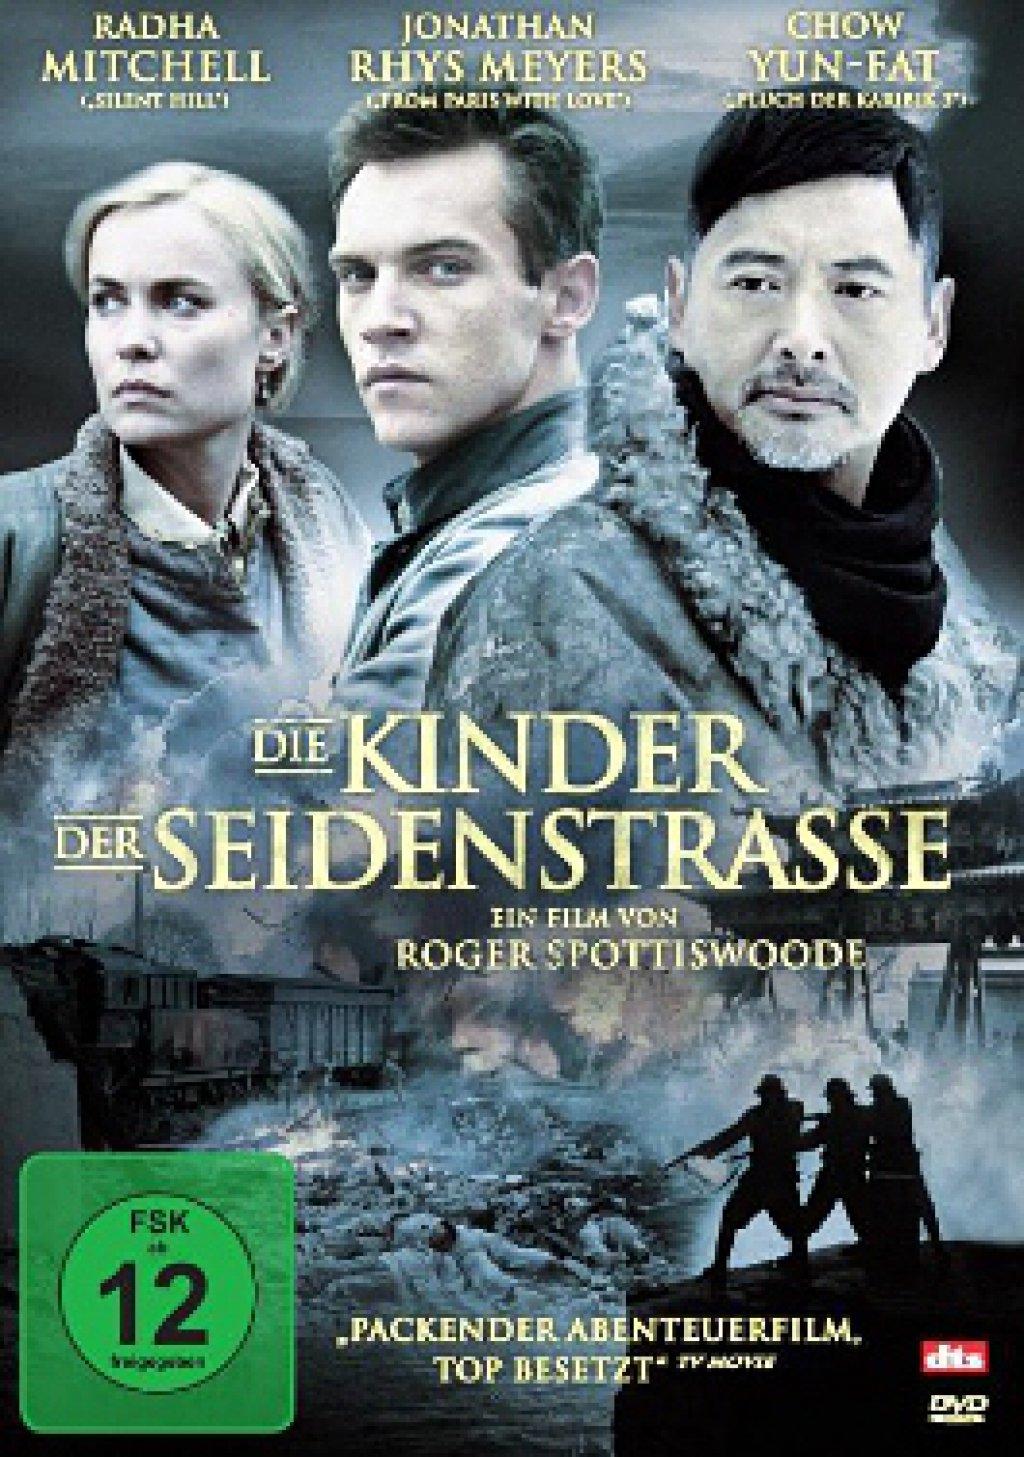 Die Kinder der Seidenstrasse (DVD)